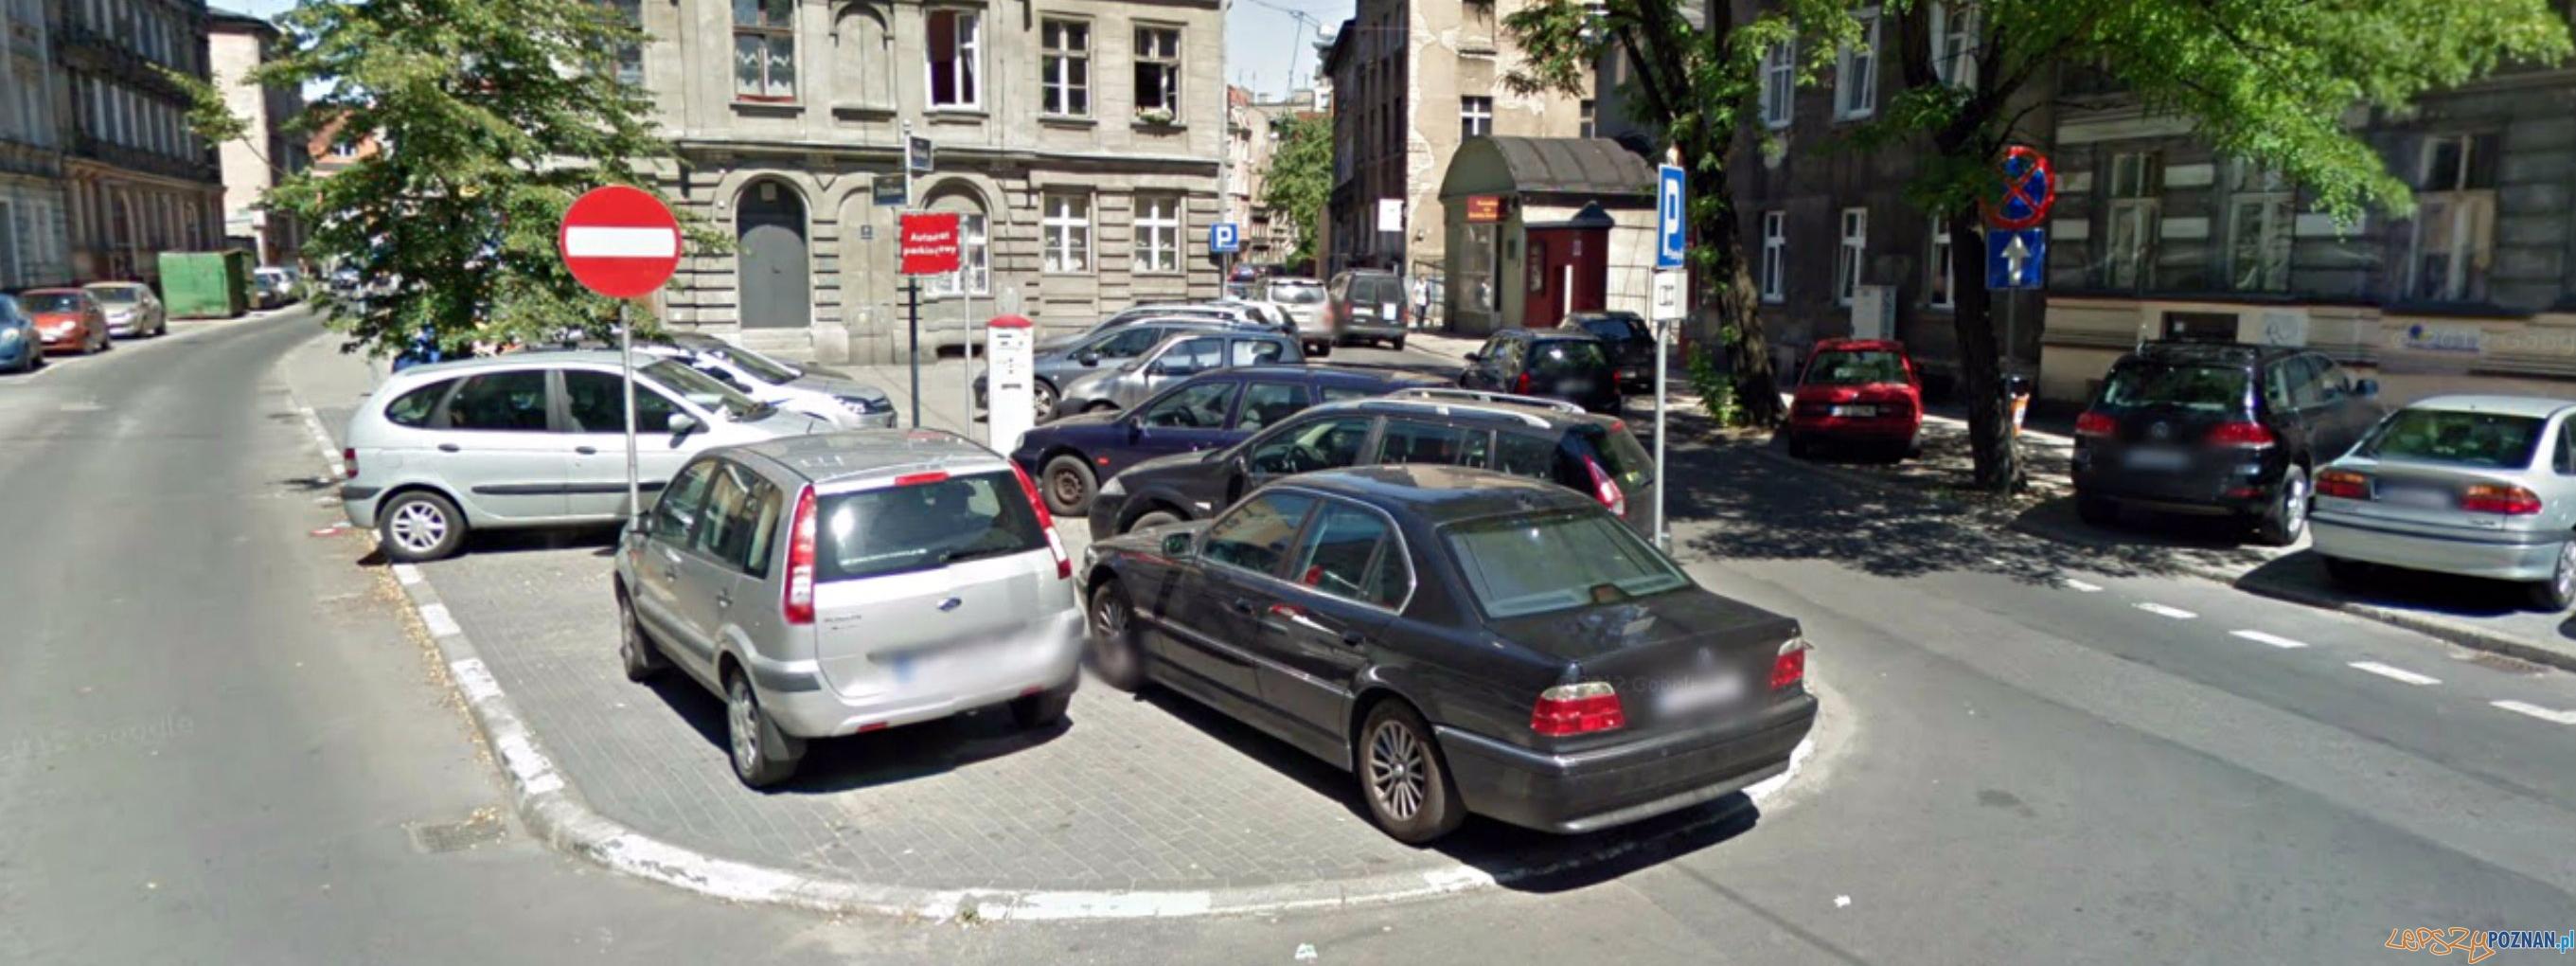 Skwer u zbiegu ul. Rybaki  i Strzałowej  Foto: Google - Streetview